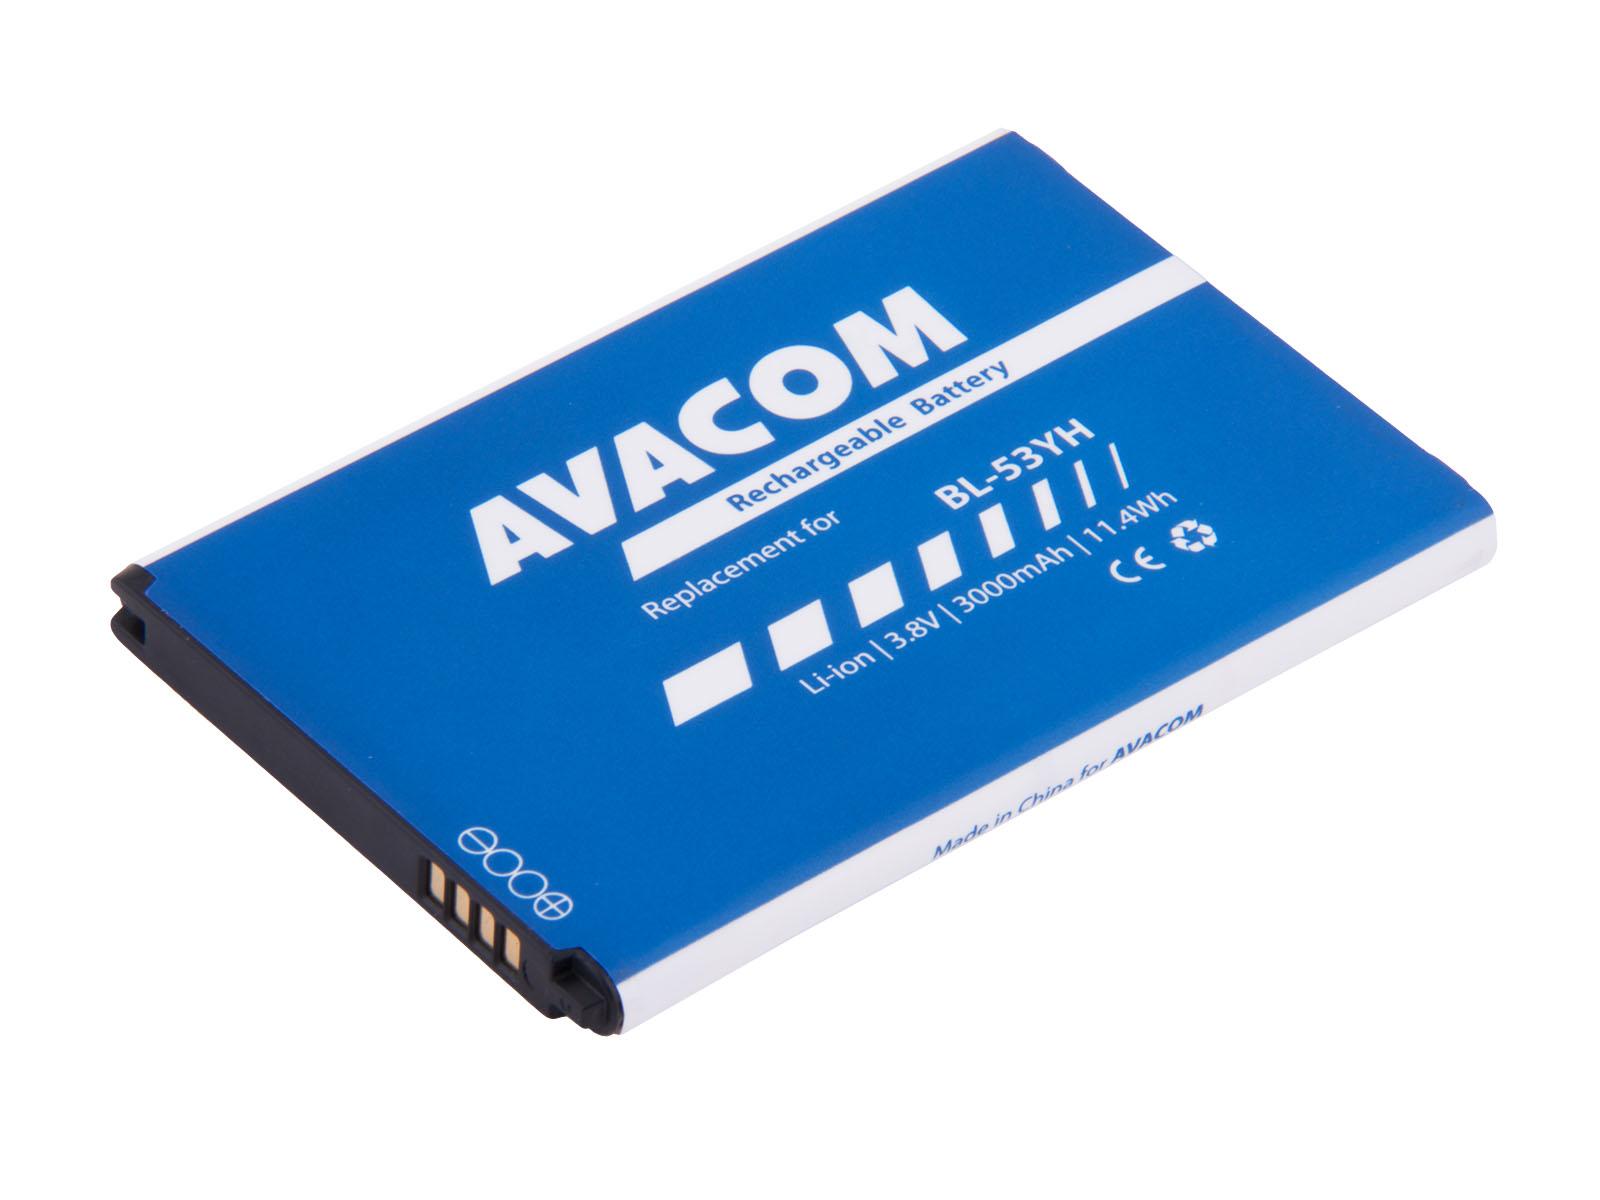 Baterie AVACOM GSLG-D855-3000 do mobilu LG D855 G3 Li-ion 3,8V 3000mAh (náhrada BL-53YH)